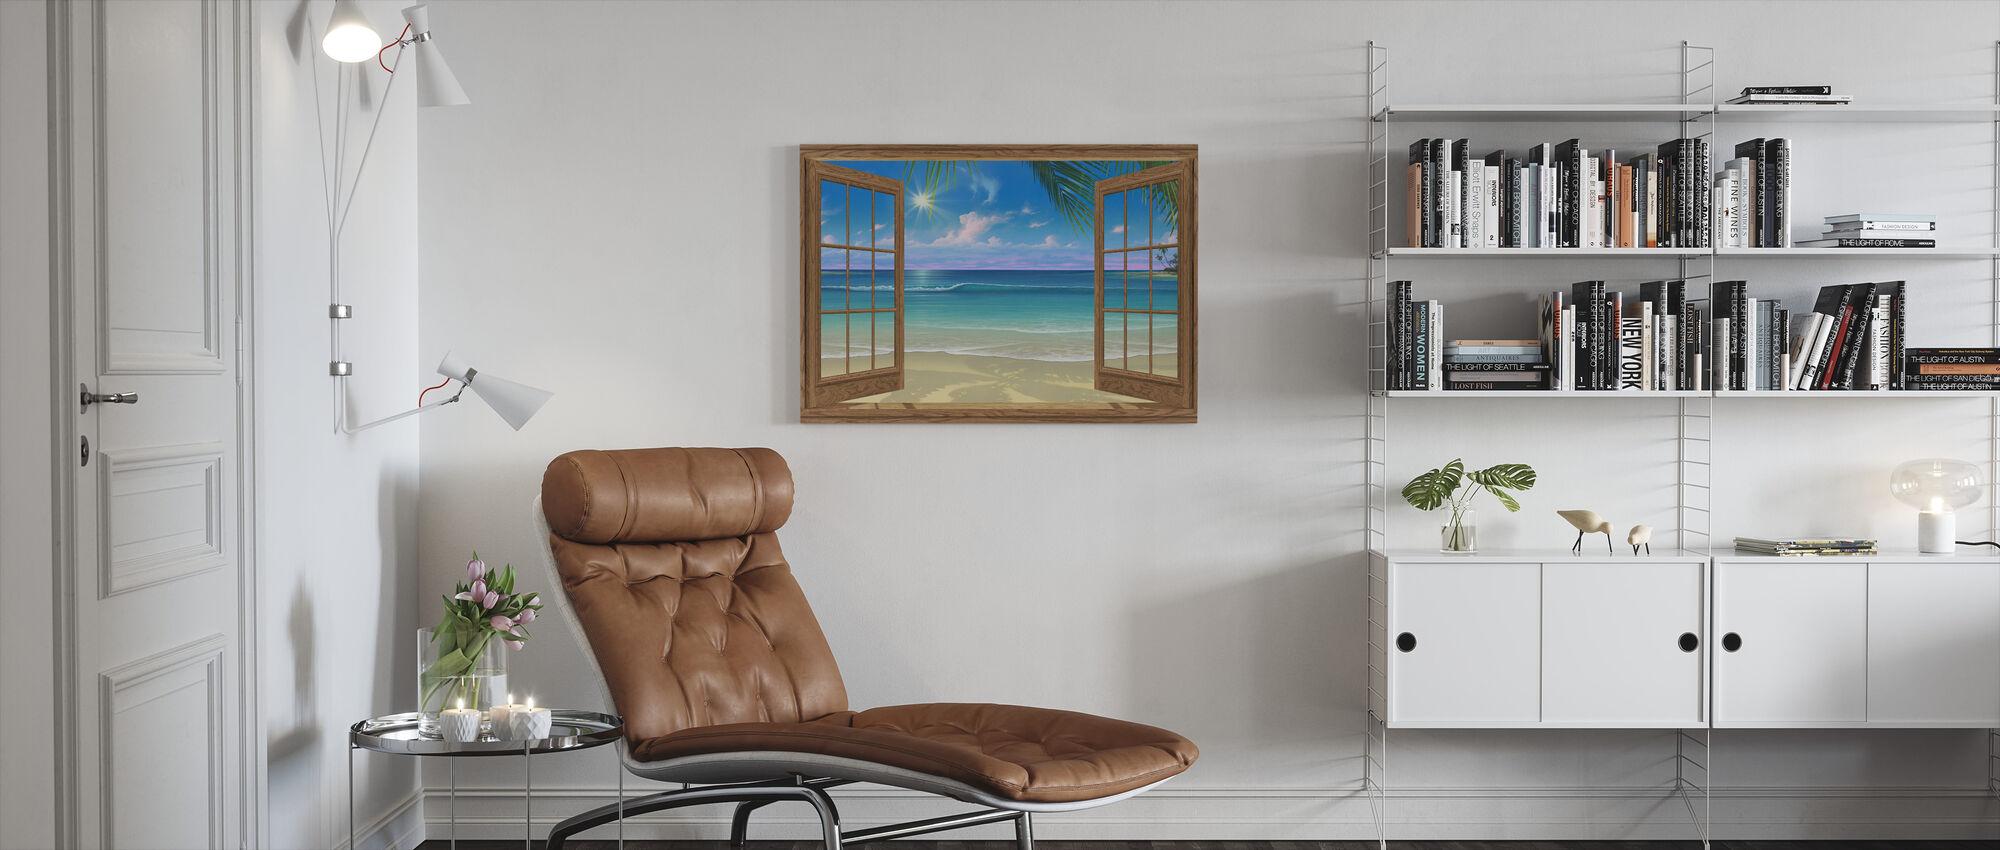 Näkymä paratiisiin - Canvastaulu - Olohuone